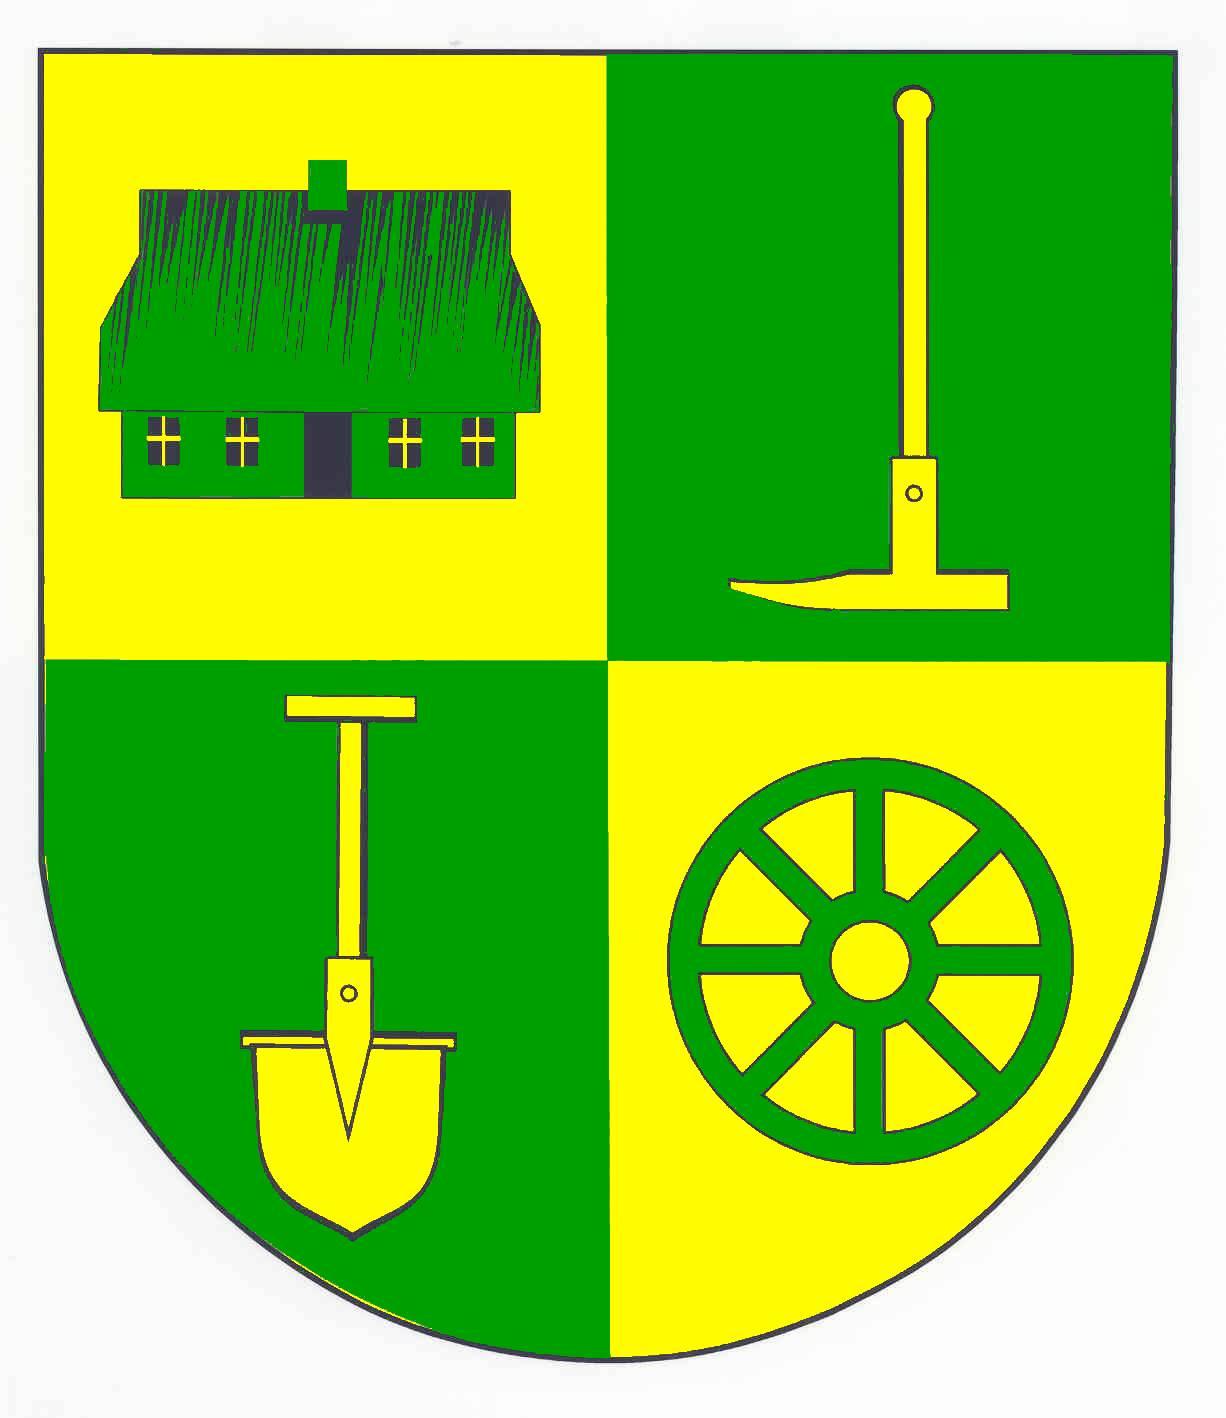 Wappen GemeindeHeiligenstedtenerkamp, Kreis Steinburg